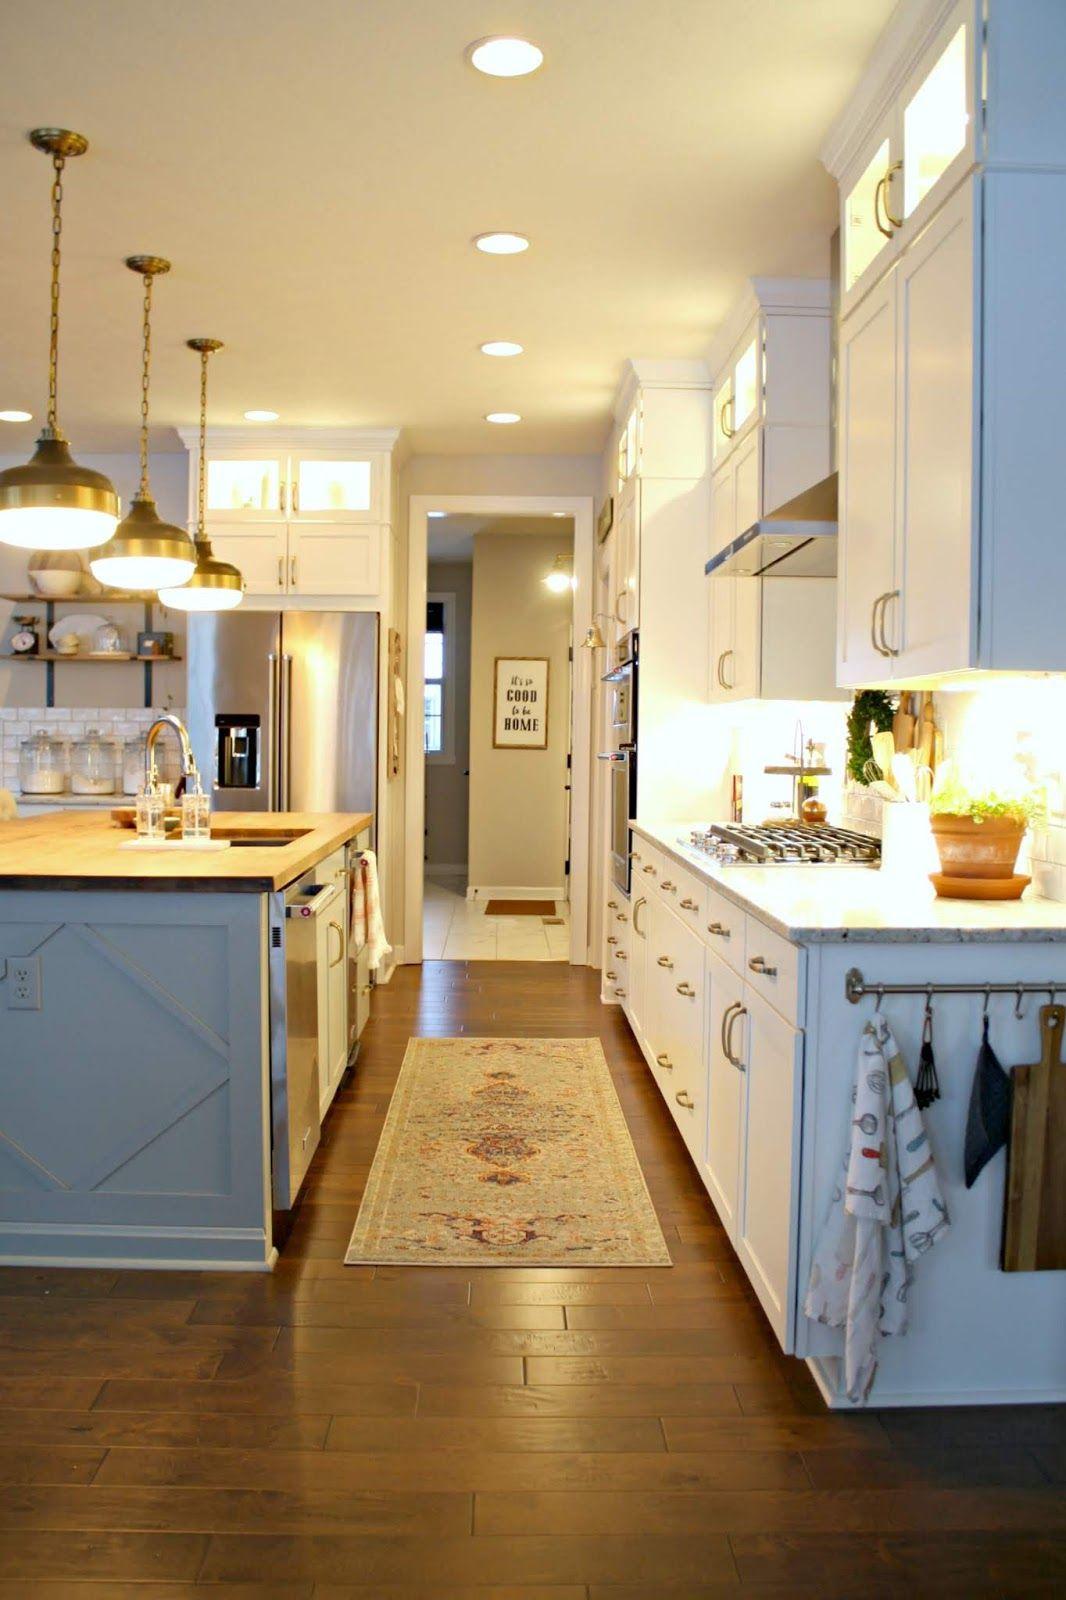 Diy Builder Grade Kitchen Island Upgrade In 2020 Builder Grade Kitchen Diy Kitchen Island Kitchen Builder